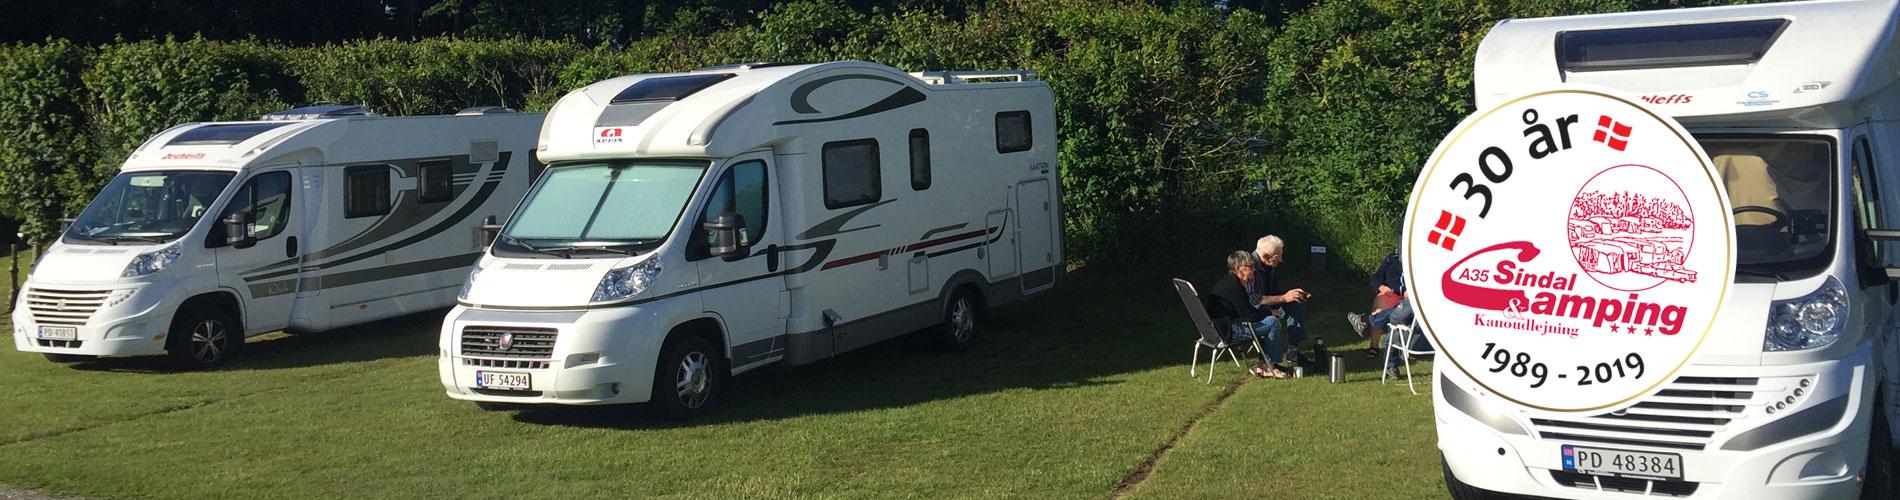 sindal camping